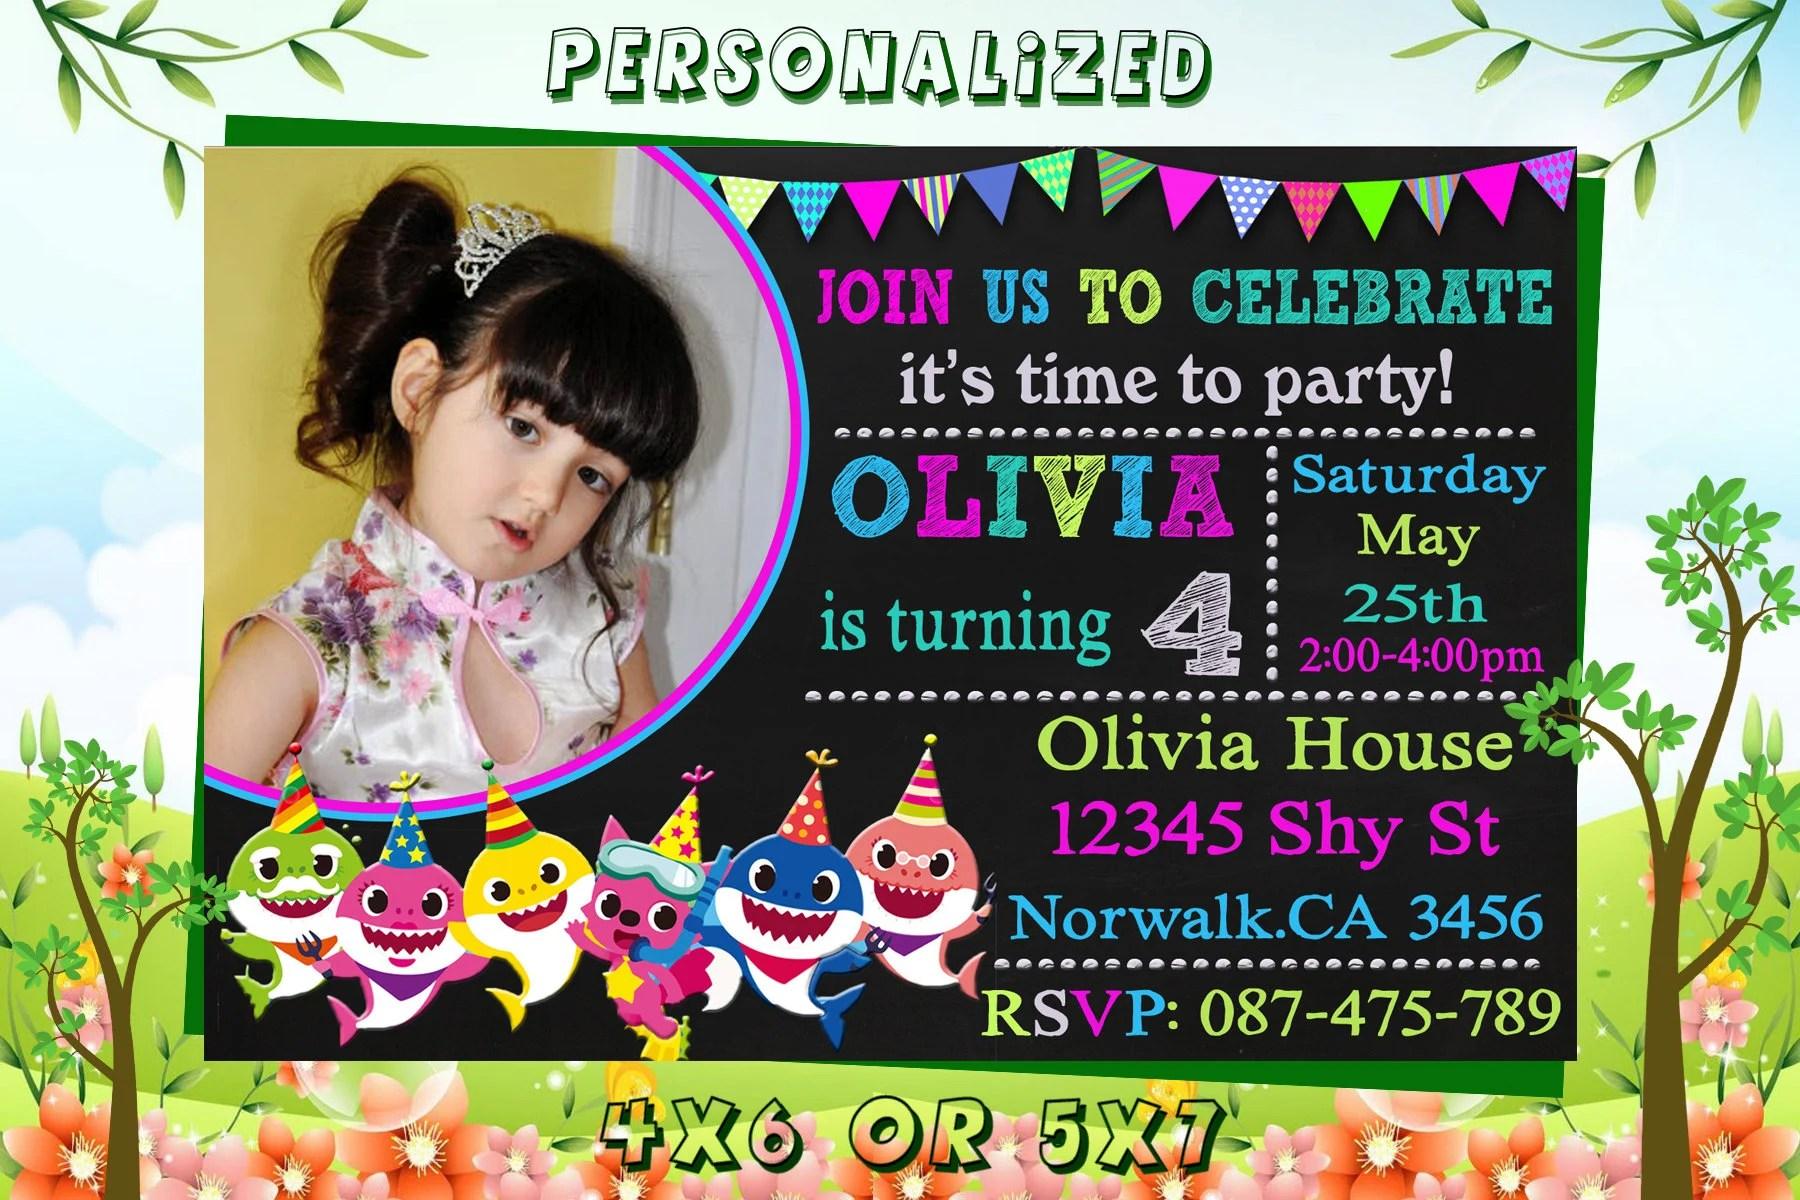 Baby Shark Birthday Invitation Baby Shark Party Baby Shark Invite Baby Shark Invitation Birthday Invitation Invitation Instant Download